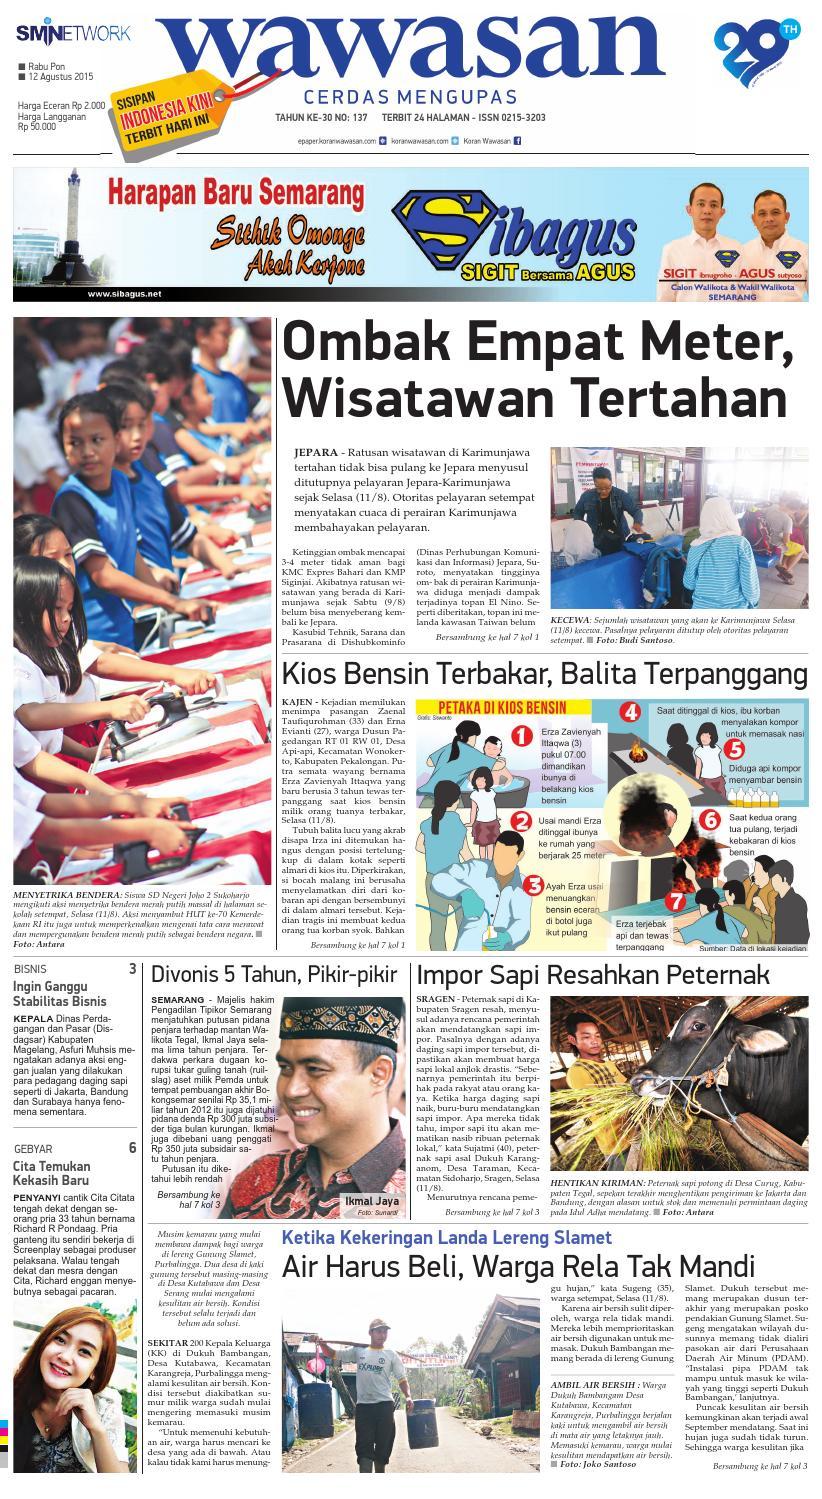 WAWASAN 12 Agustus 2015 by KORAN PAGI WAWASAN - issuu ce10080b5a